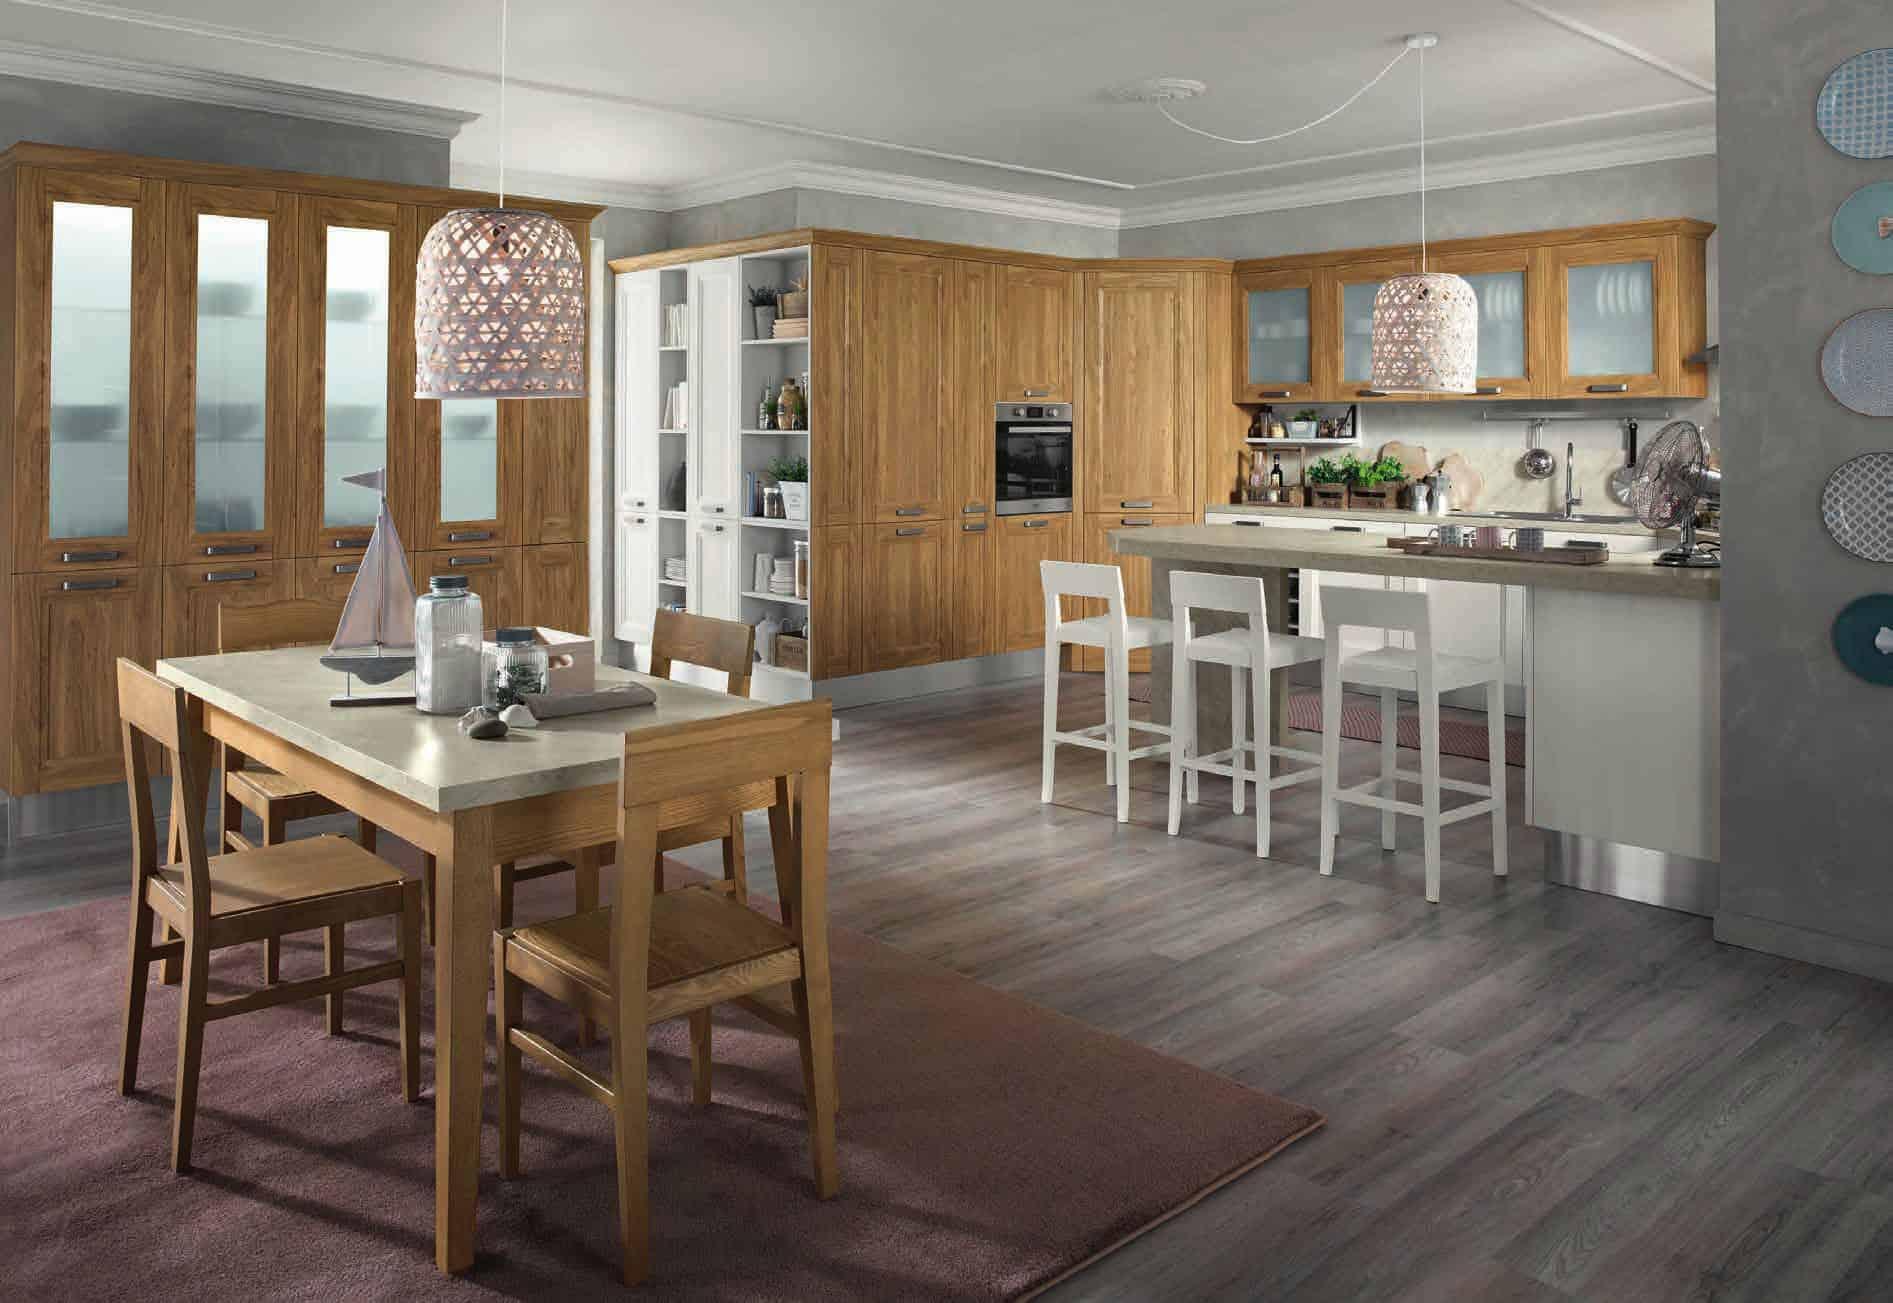 Κουζίνα Lamitex σε καρυδια ξυλο χρωματισμο και λευκο με παγκο υφη μαρμαρου